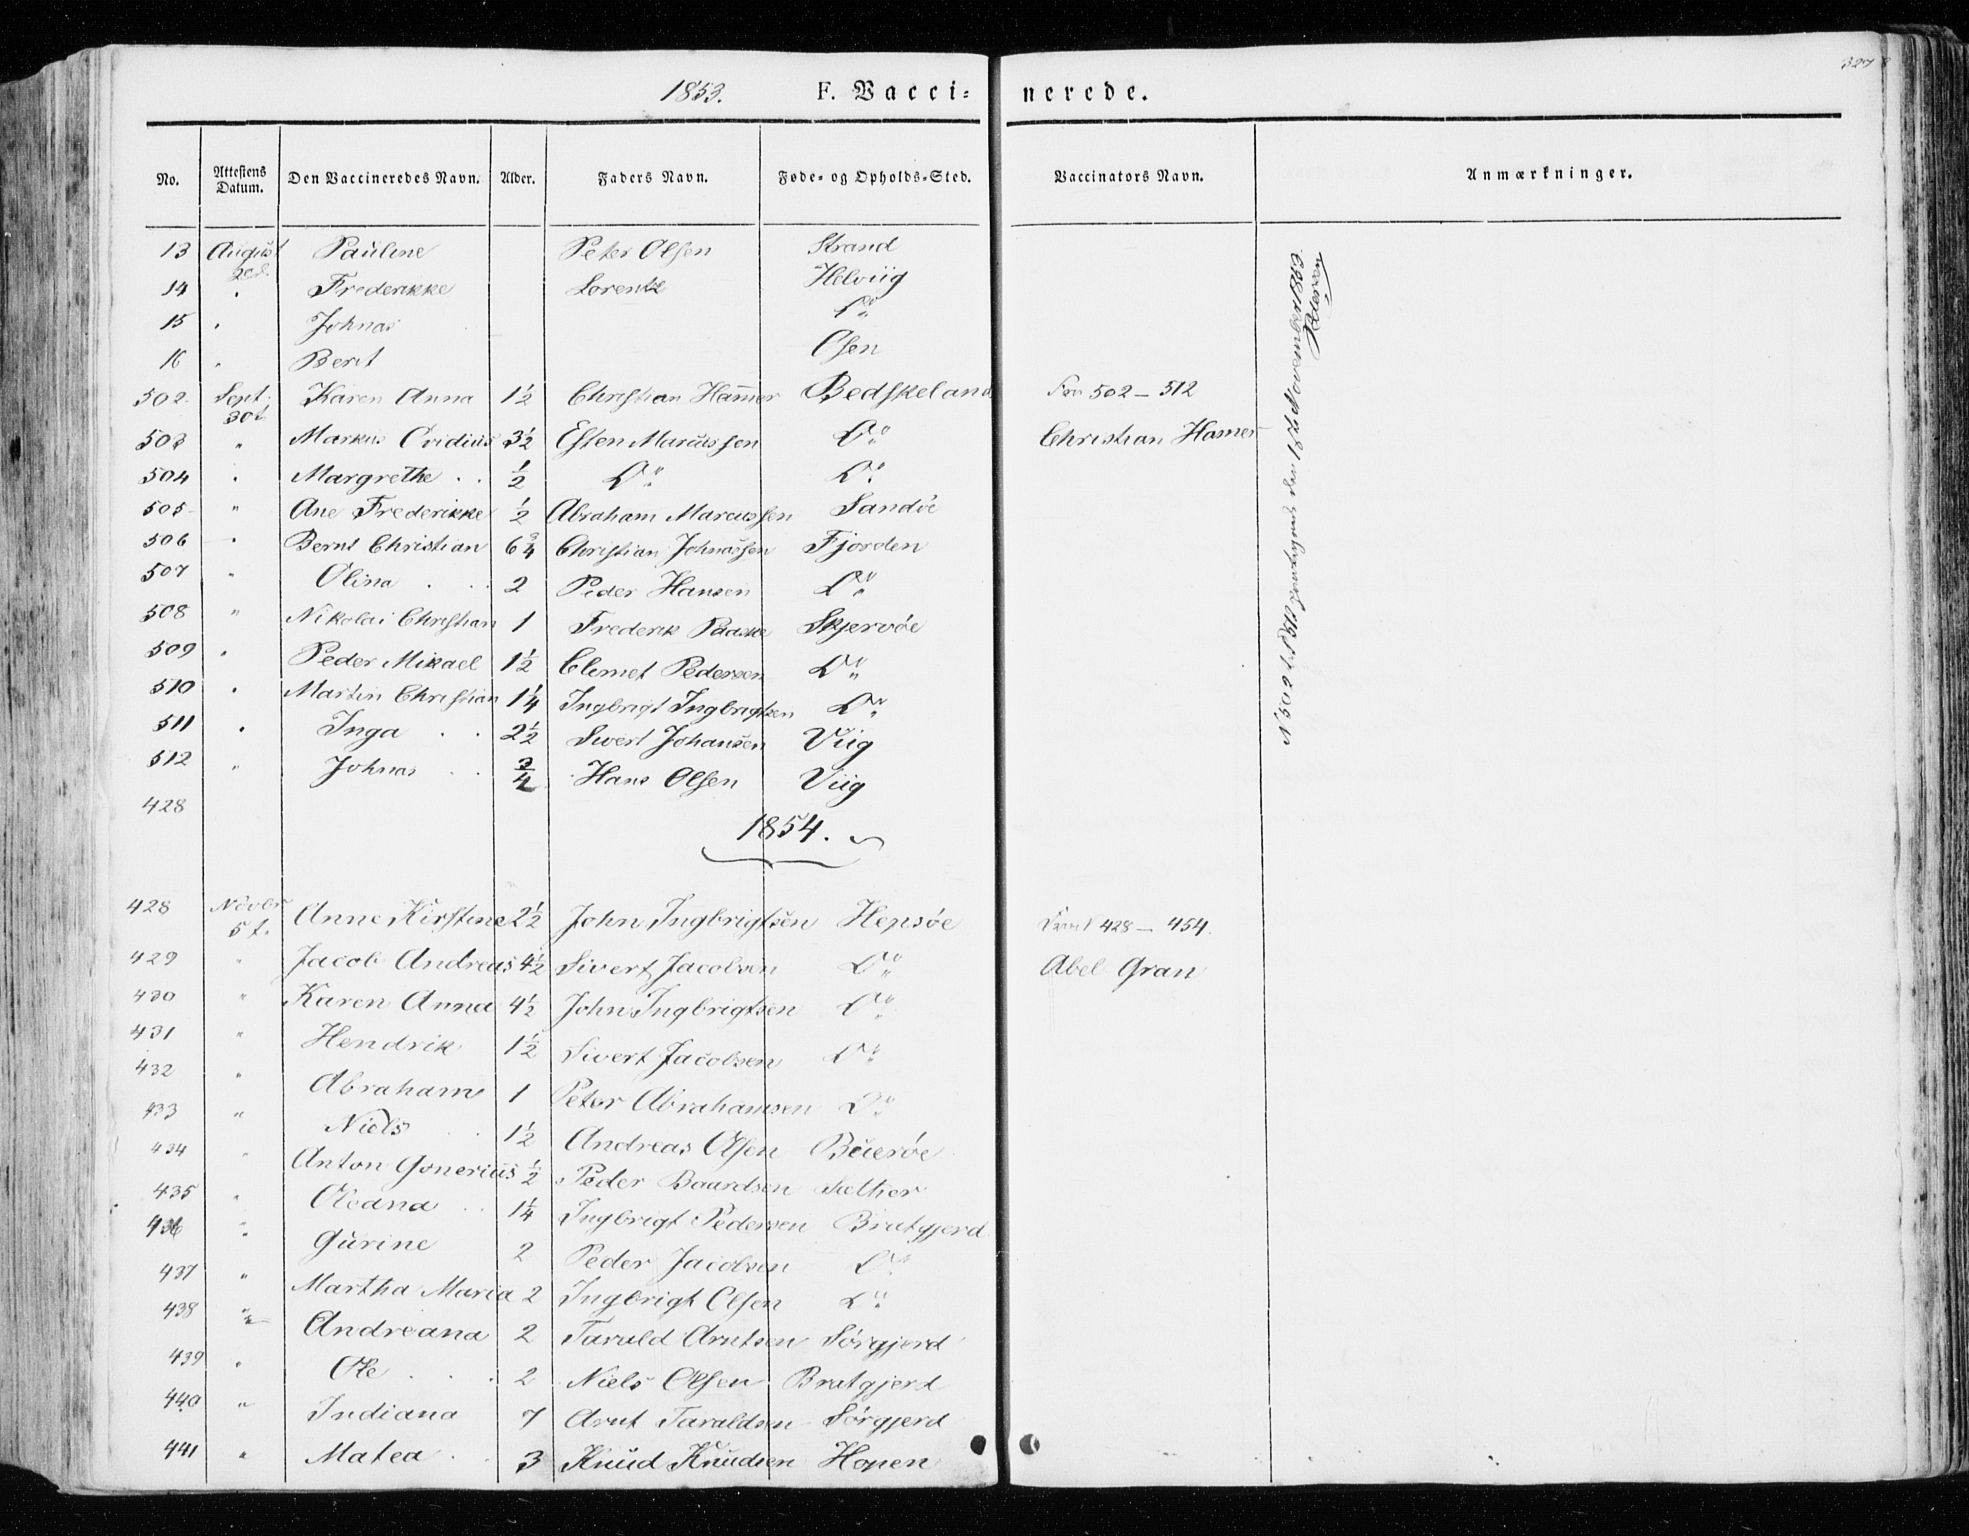 SAT, Ministerialprotokoller, klokkerbøker og fødselsregistre - Sør-Trøndelag, 657/L0704: Ministerialbok nr. 657A05, 1846-1857, s. 327